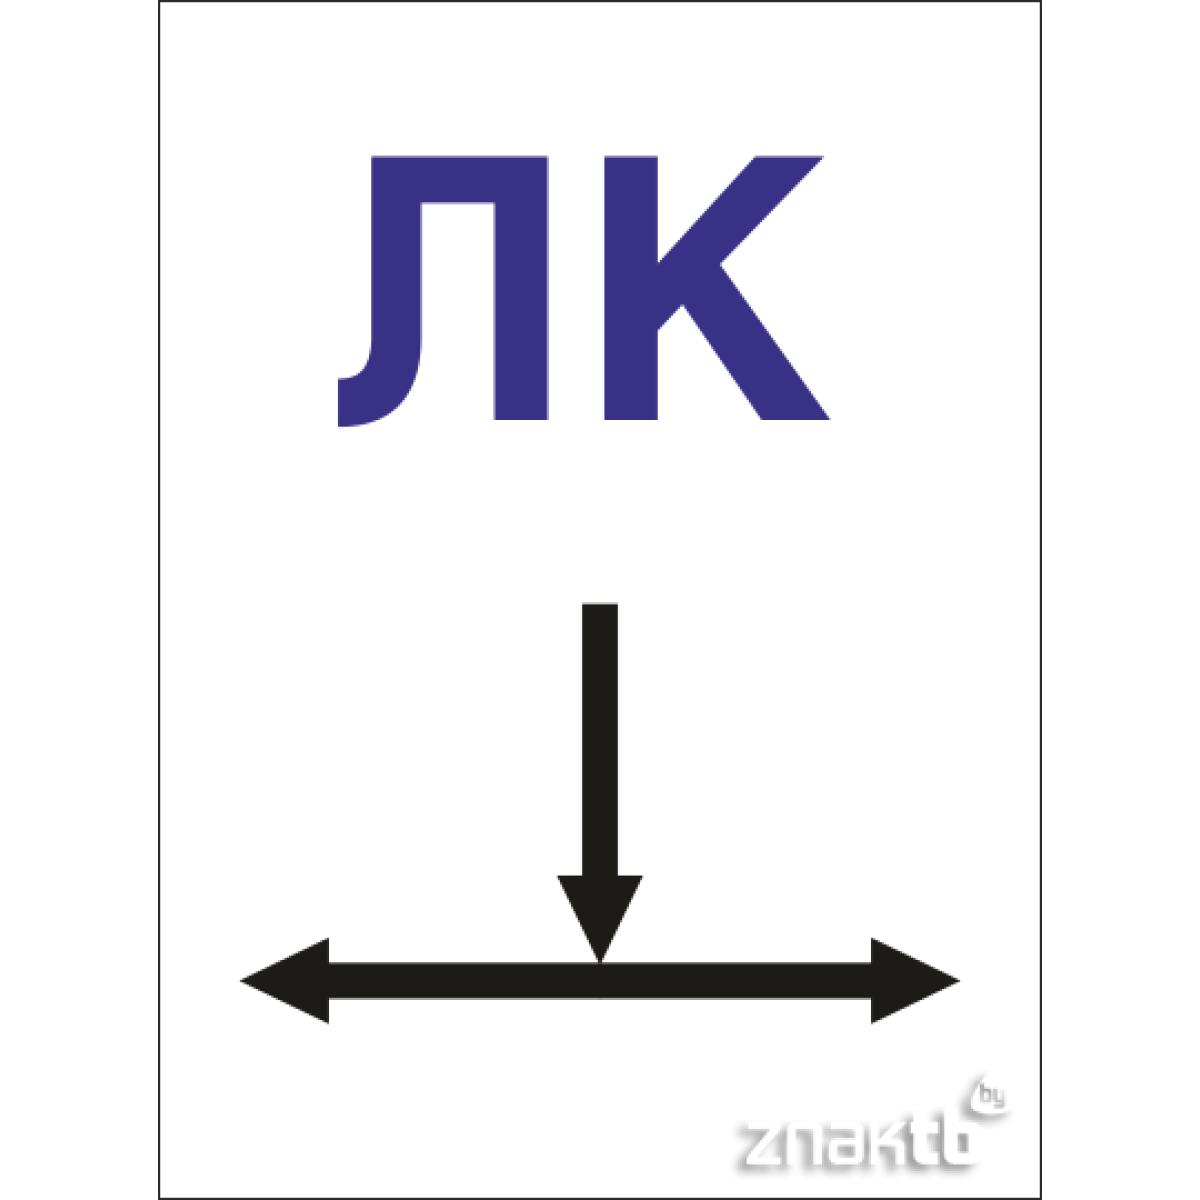 904 Знак ЛК Координатная табличка Ливневый колодец